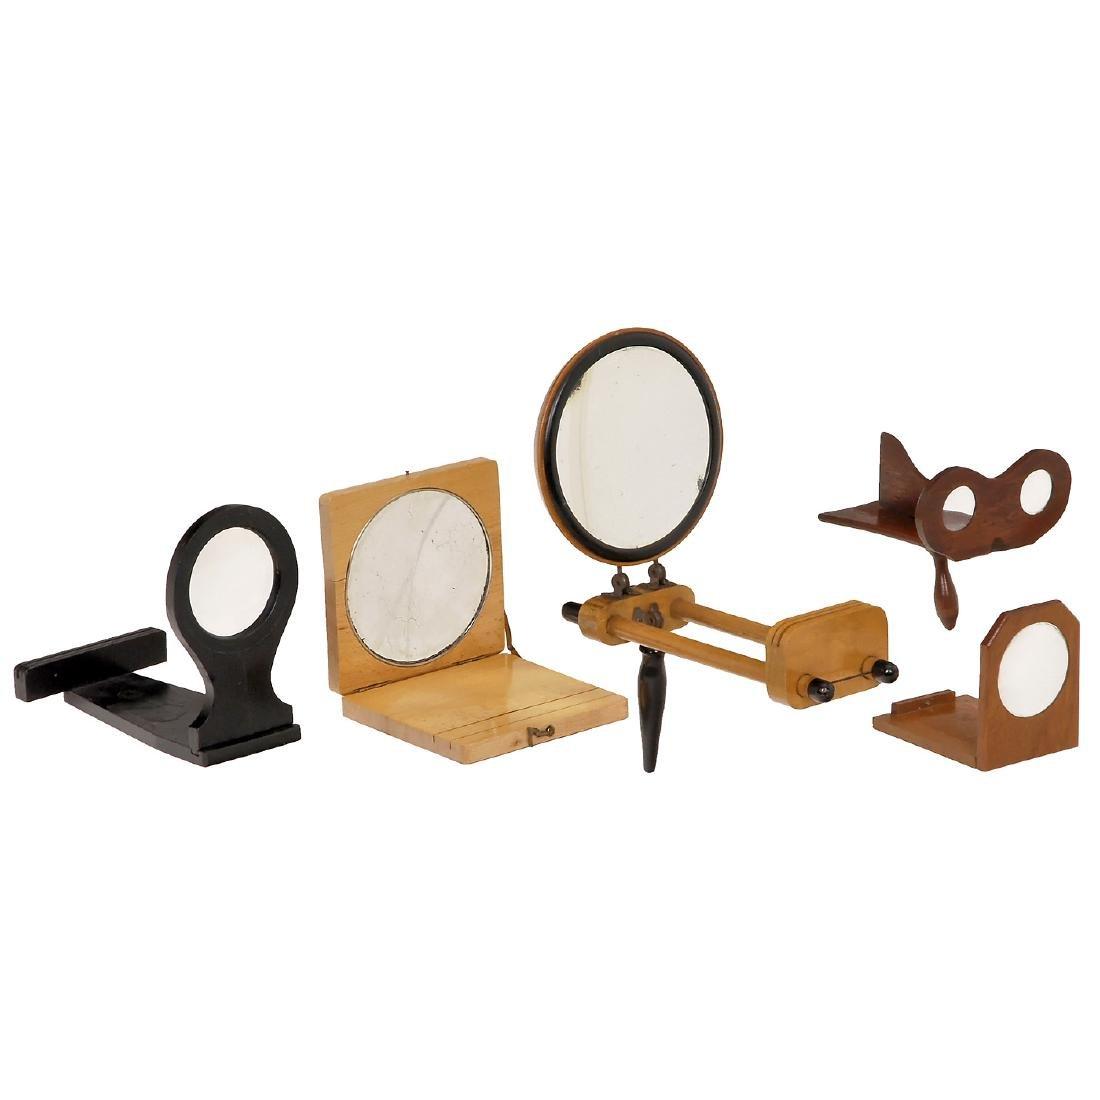 4 Assorted Graphoscopes, 1880-1900